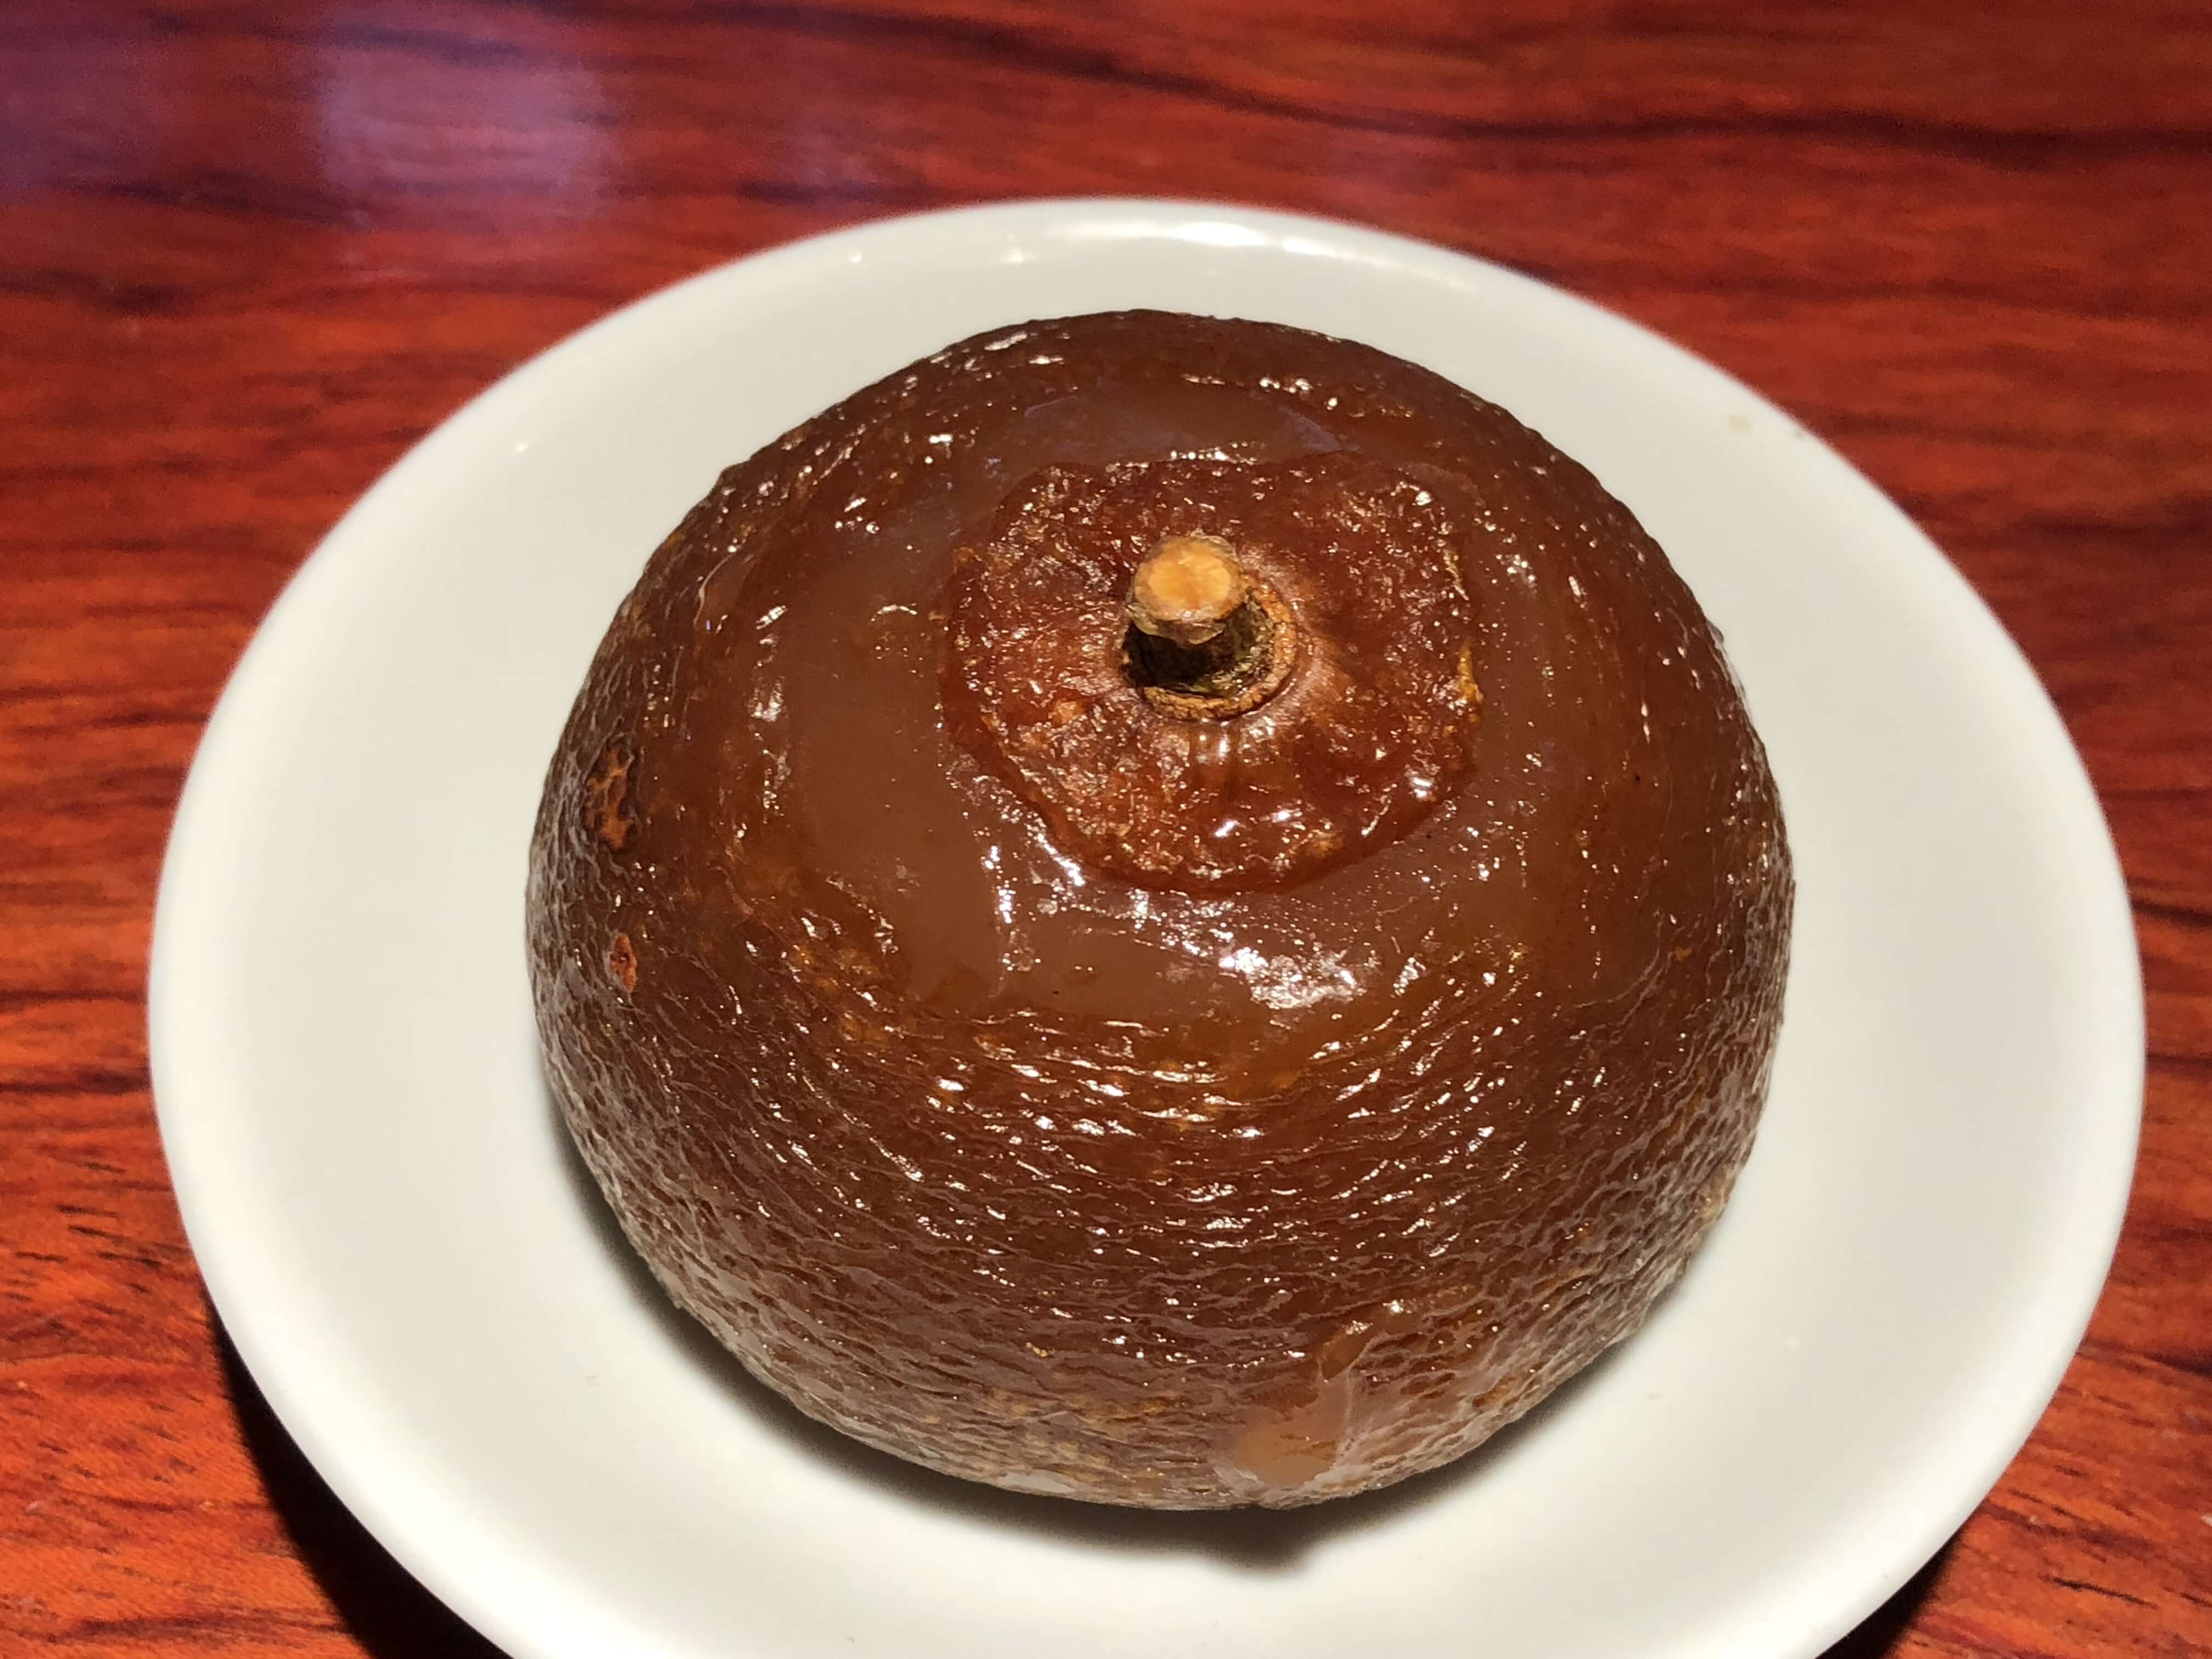 石川県の隠れた名菓「丸柚餅子」。芳醇な柚子の香りに包まれる至極の味わい